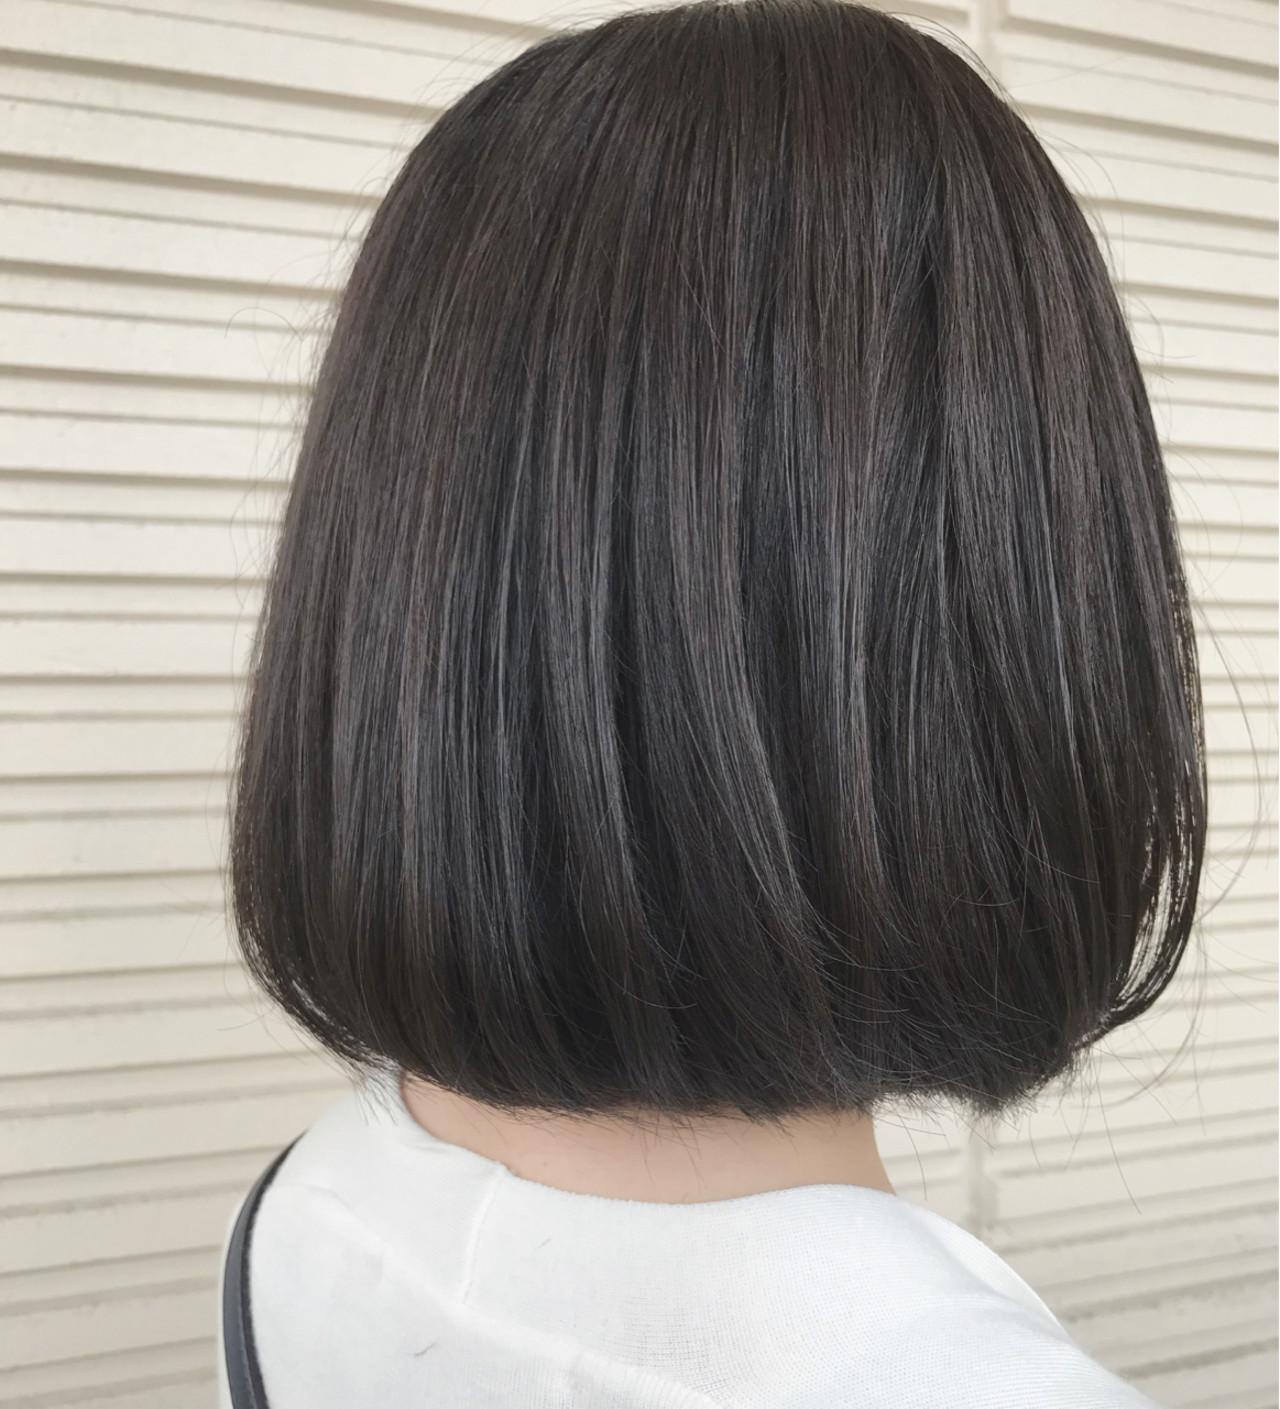 ボブ ネイビー ナチュラル ブルージュ ヘアスタイルや髪型の写真・画像 | 大越 勇嗣 / VISAGE Oak